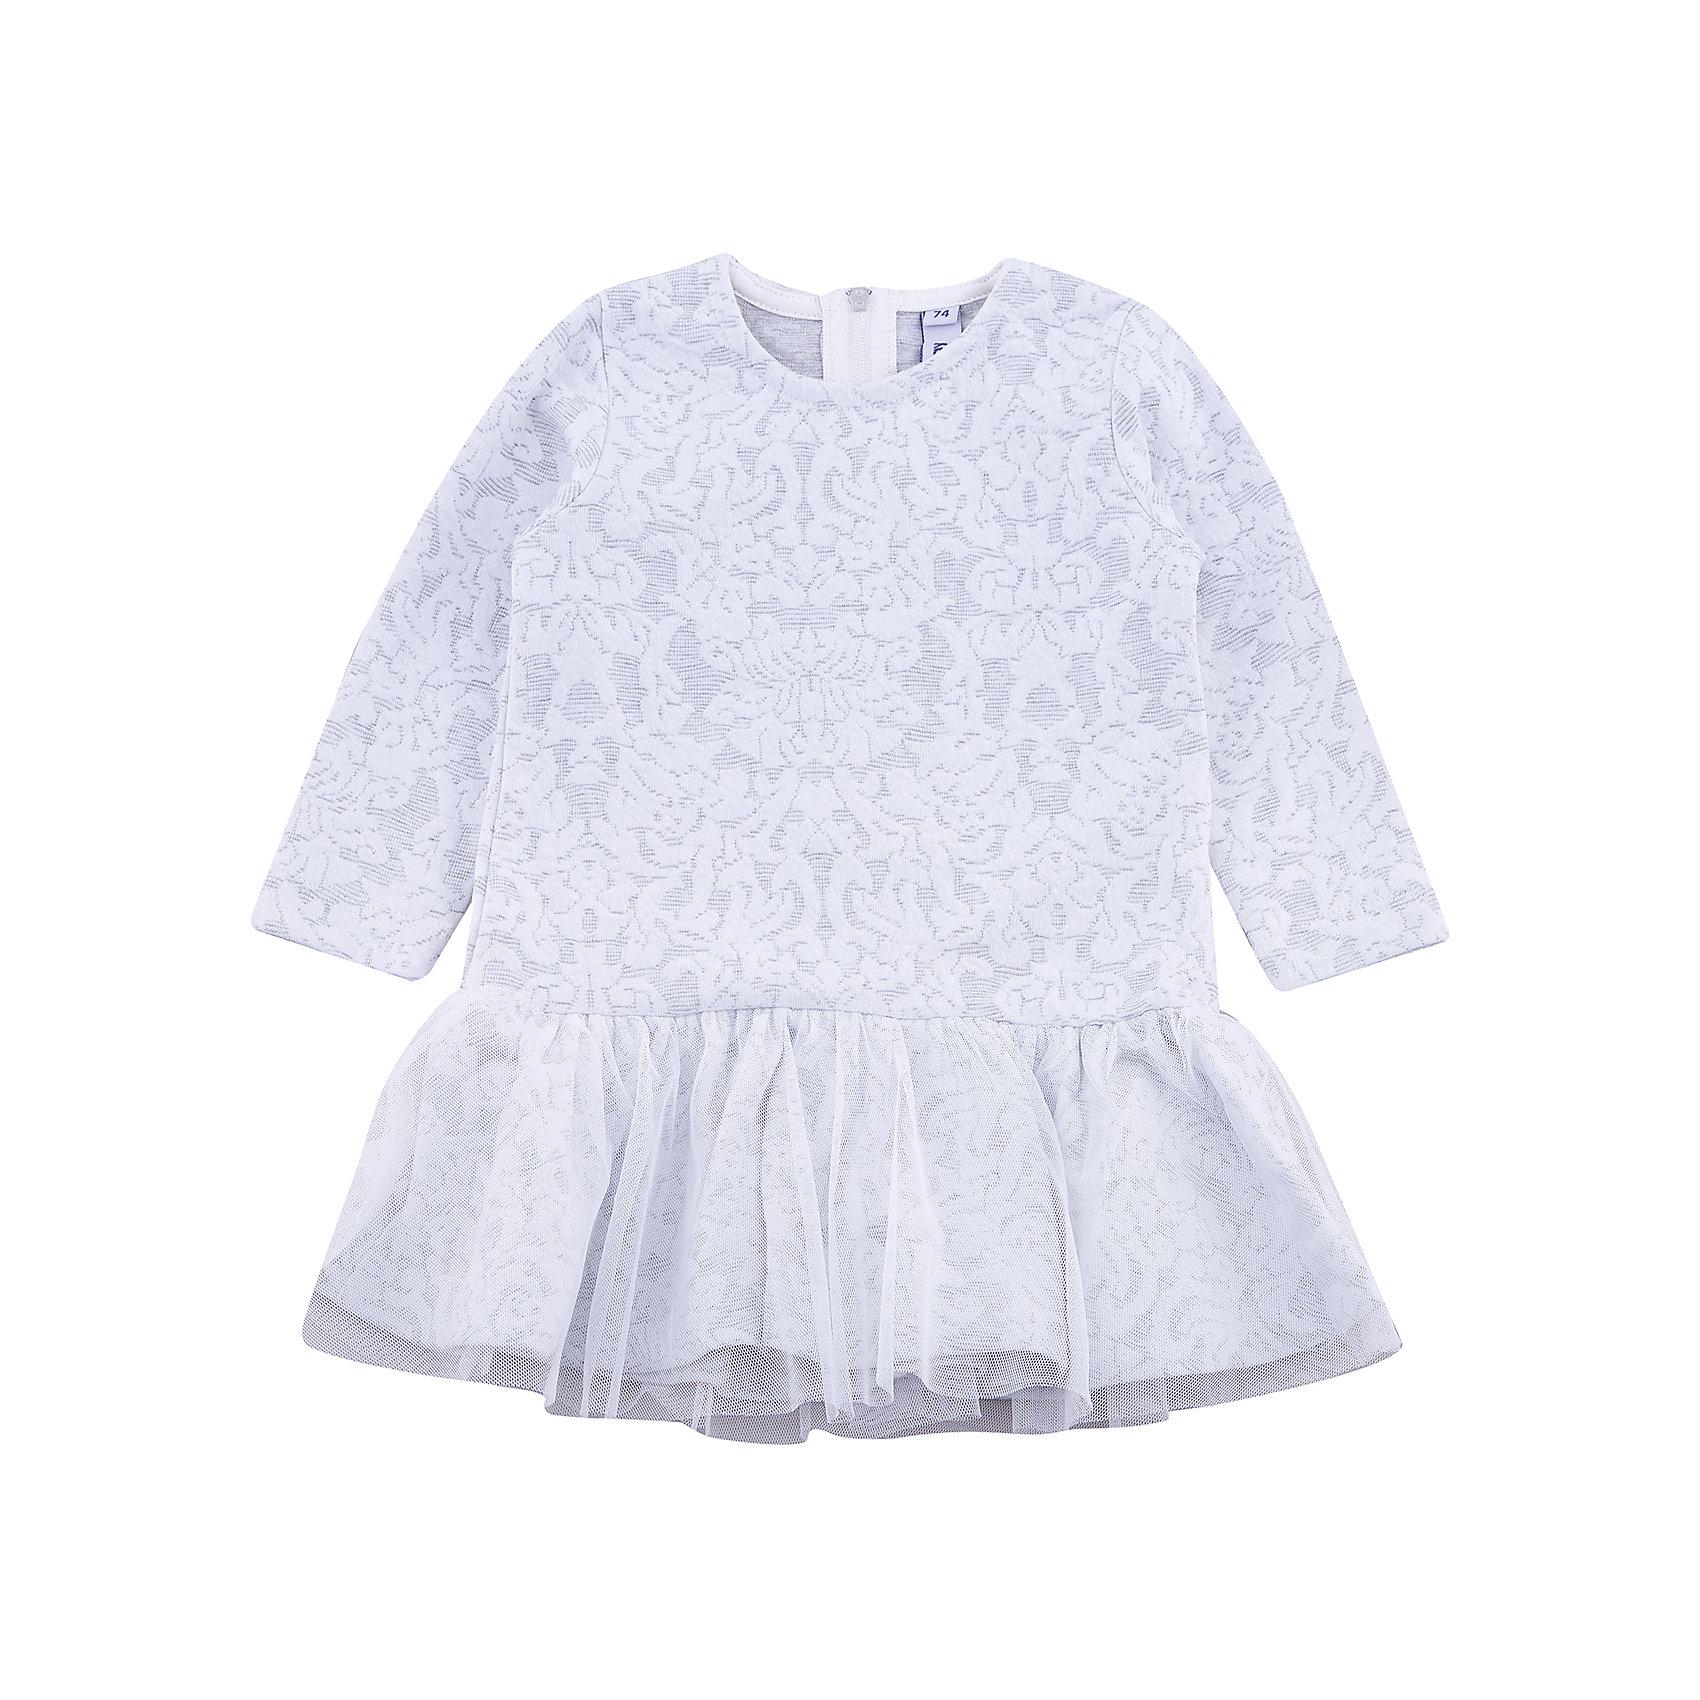 Платье PlayToday для девочкиПлатья<br>Платье PlayToday для девочки<br>Платье с округлым вырезом дополнит гардероб ребенка. Модель из мягкой ткани с эффектом объемного рисунка. На спинке расположена удобная застежка - молния. Платье с длинными рукавами и заниженной талией. Верх юбки дополнен широкой оборкой из легкой сетчатой ткани.<br>Состав:<br>65% полиэстер, 30% вискоза, 5% эластан<br><br>Ширина мм: 236<br>Глубина мм: 16<br>Высота мм: 184<br>Вес г: 177<br>Цвет: белый<br>Возраст от месяцев: 18<br>Возраст до месяцев: 24<br>Пол: Женский<br>Возраст: Детский<br>Размер: 92,74,80,86<br>SKU: 7110372